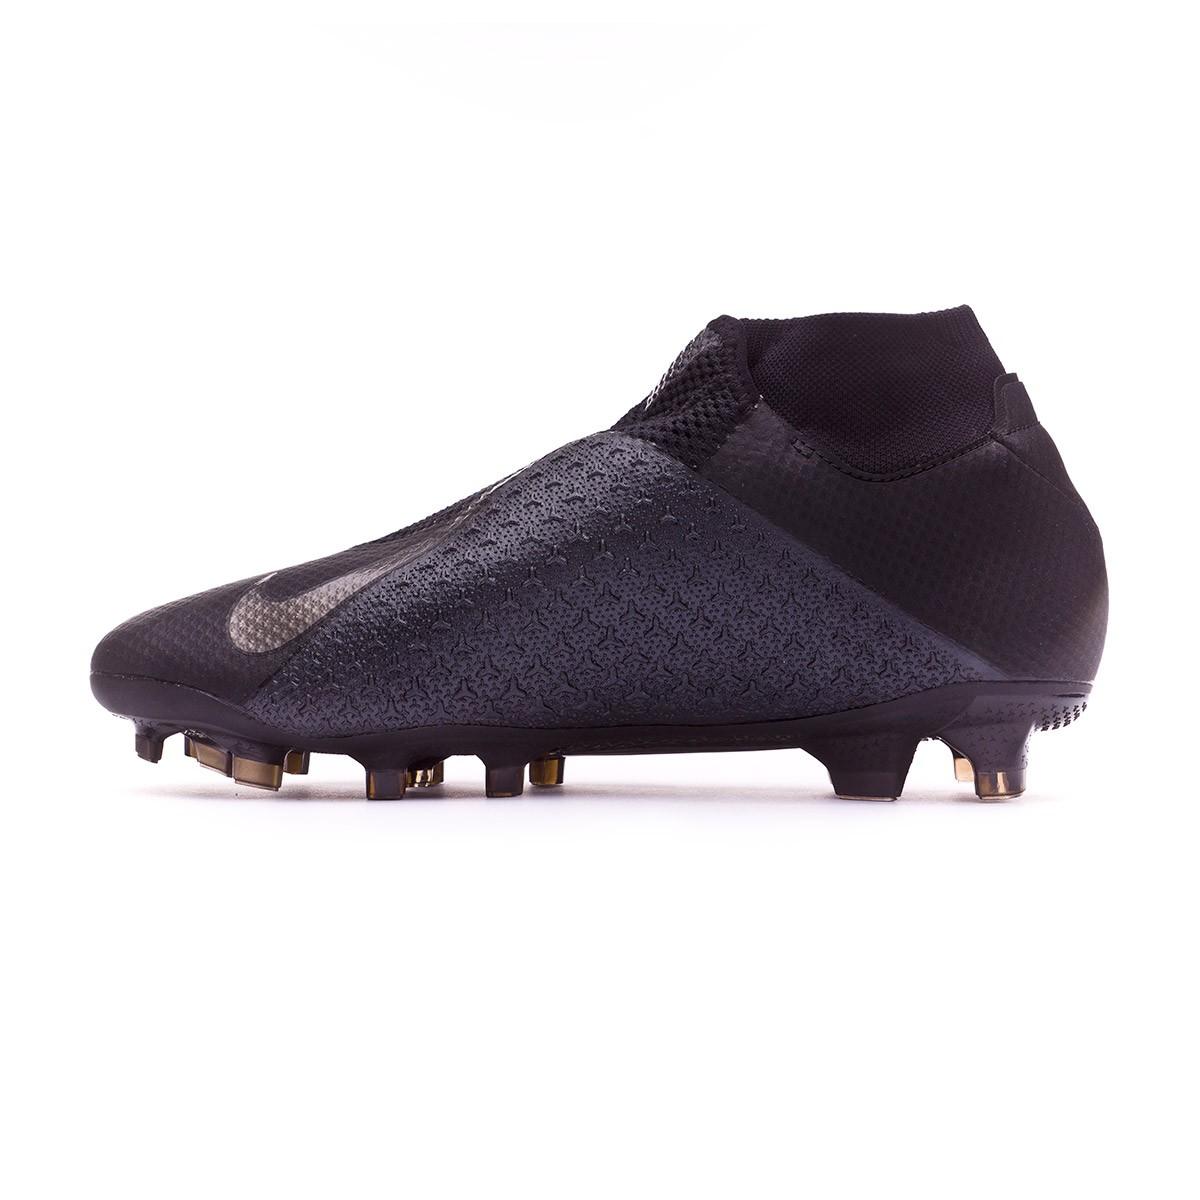 57d867230c339 Zapatos de fútbol Nike Phantom Vision Pro DF FG Black - Tienda de fútbol  Fútbol Emotion